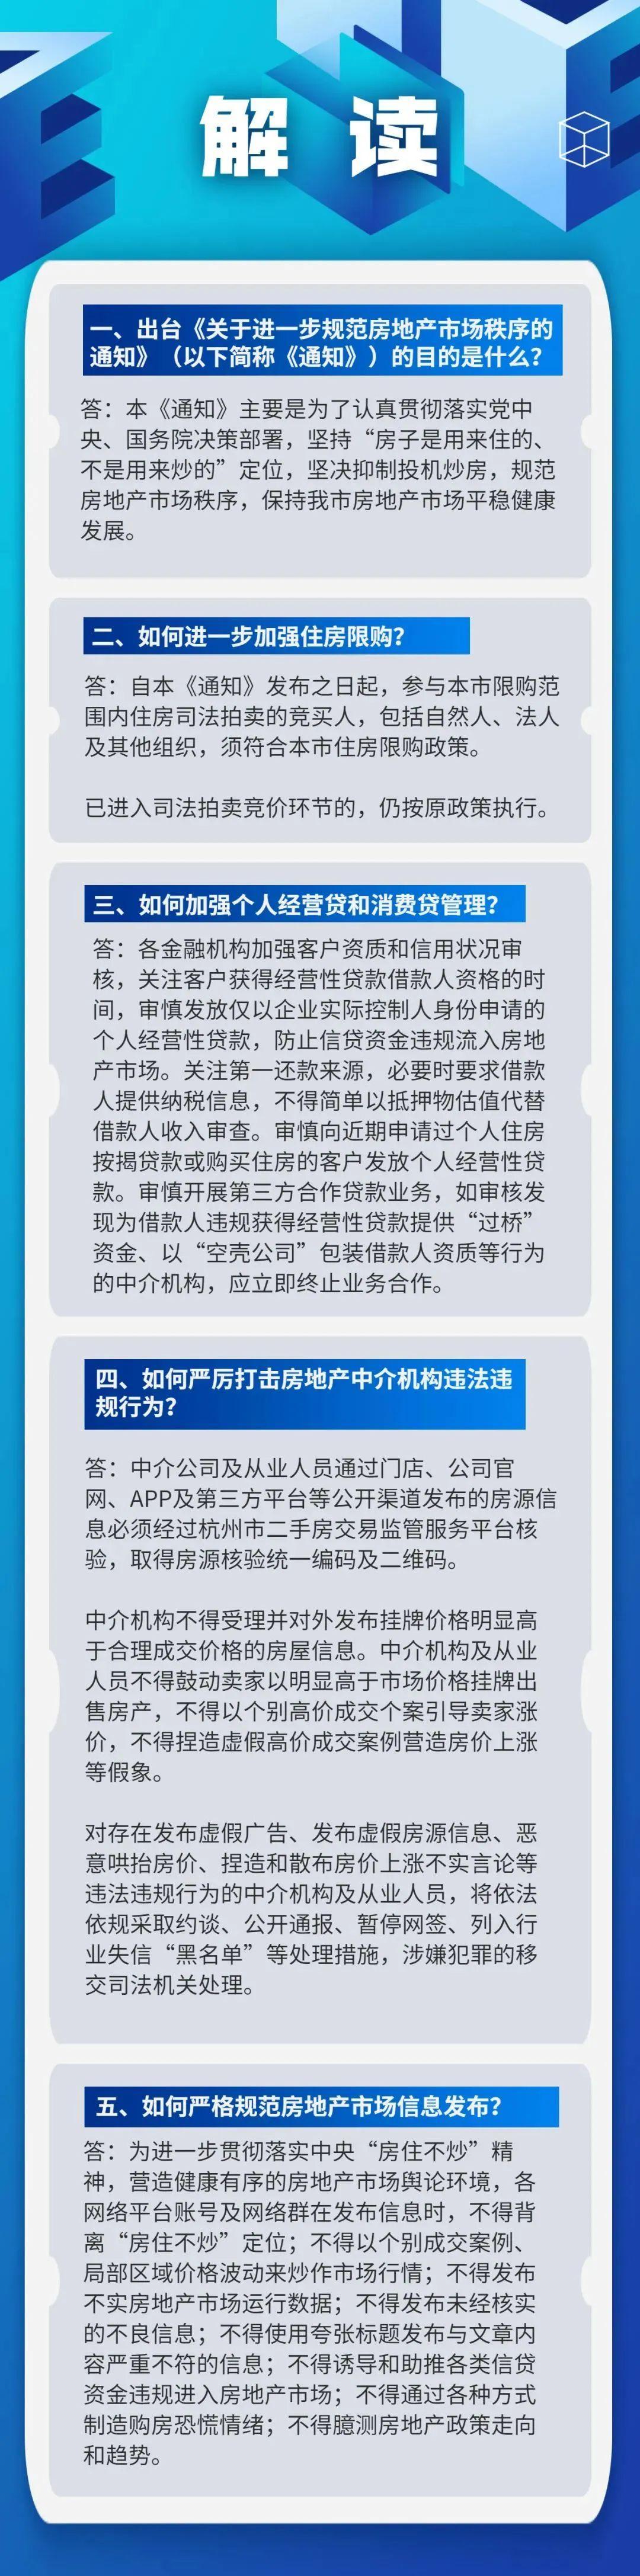 重磅新政!杭州法拍房竞拍须有杭州购房资格!